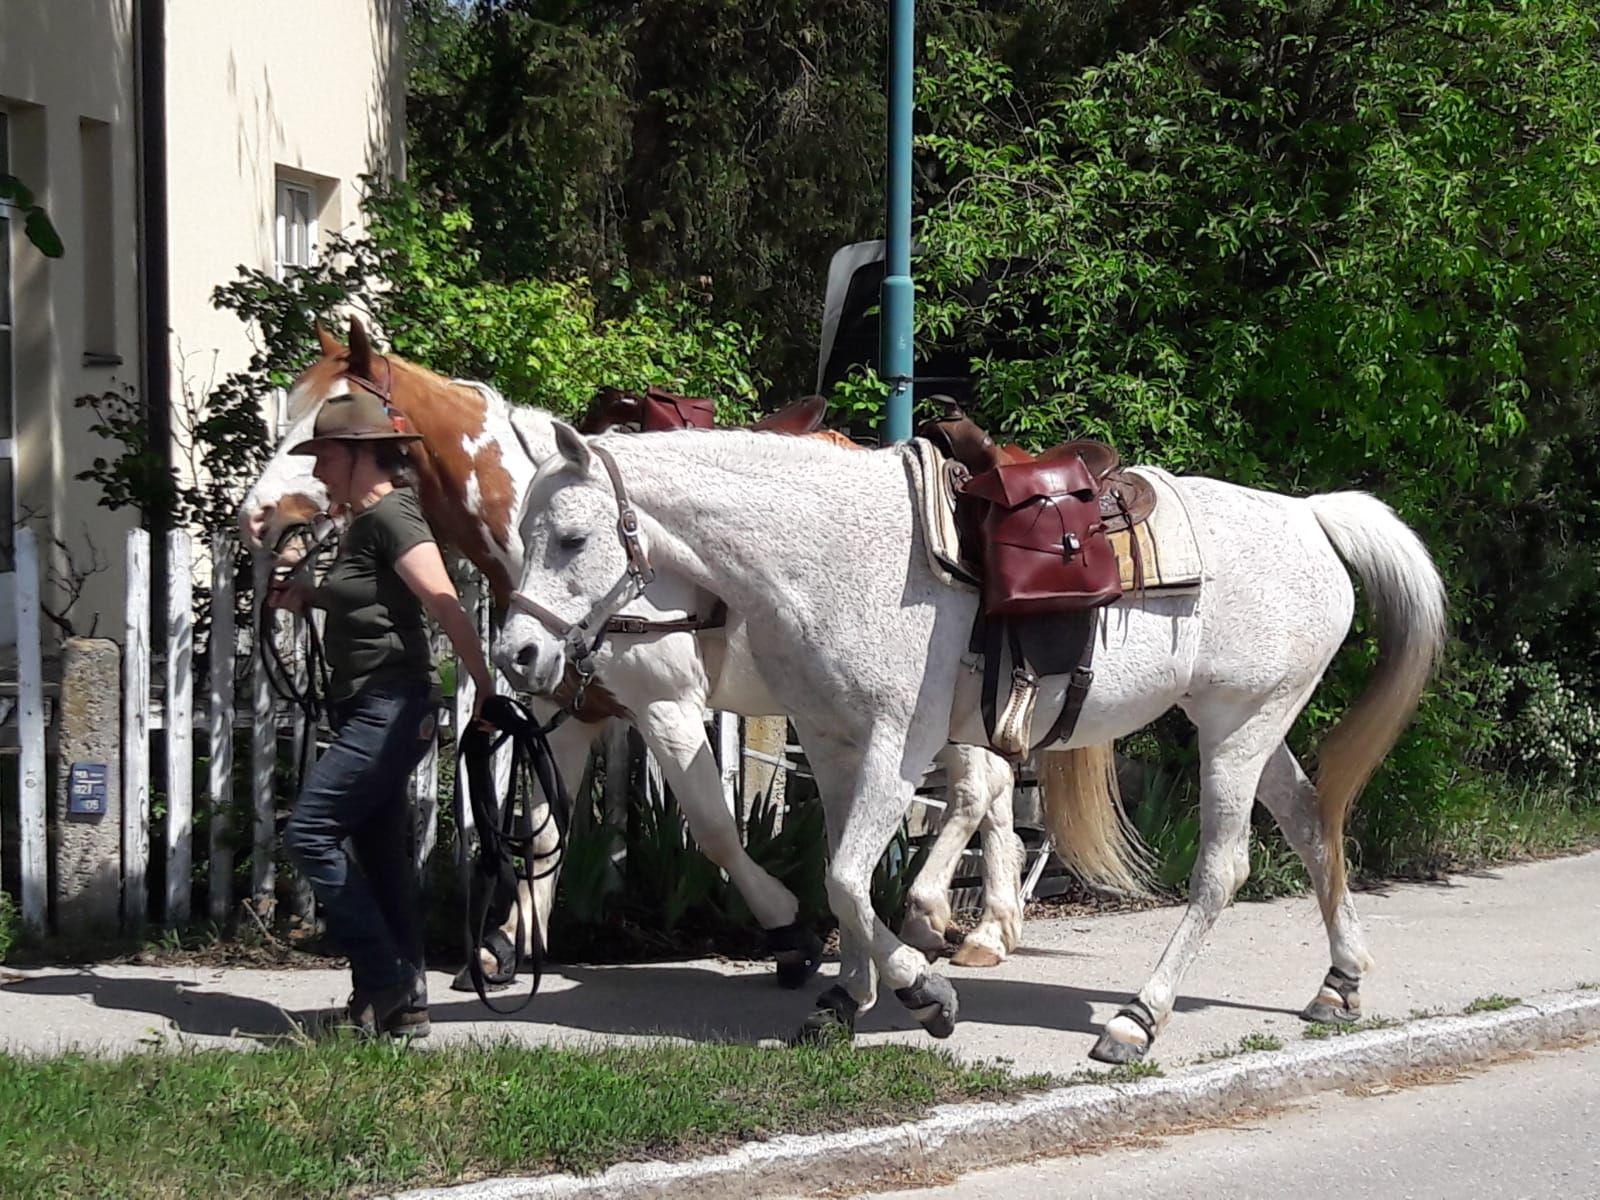 AVREISE: Bildet er fra dagen Greta og hennes to hester la ut på eventyr. Den ene hesten som var ment til å bære bagasje, måtte imidlertid bli igjen etter en trafikkulykke som inntraff etter et par dager. Hesten ble ikke alvorlig skadet i ulykken.